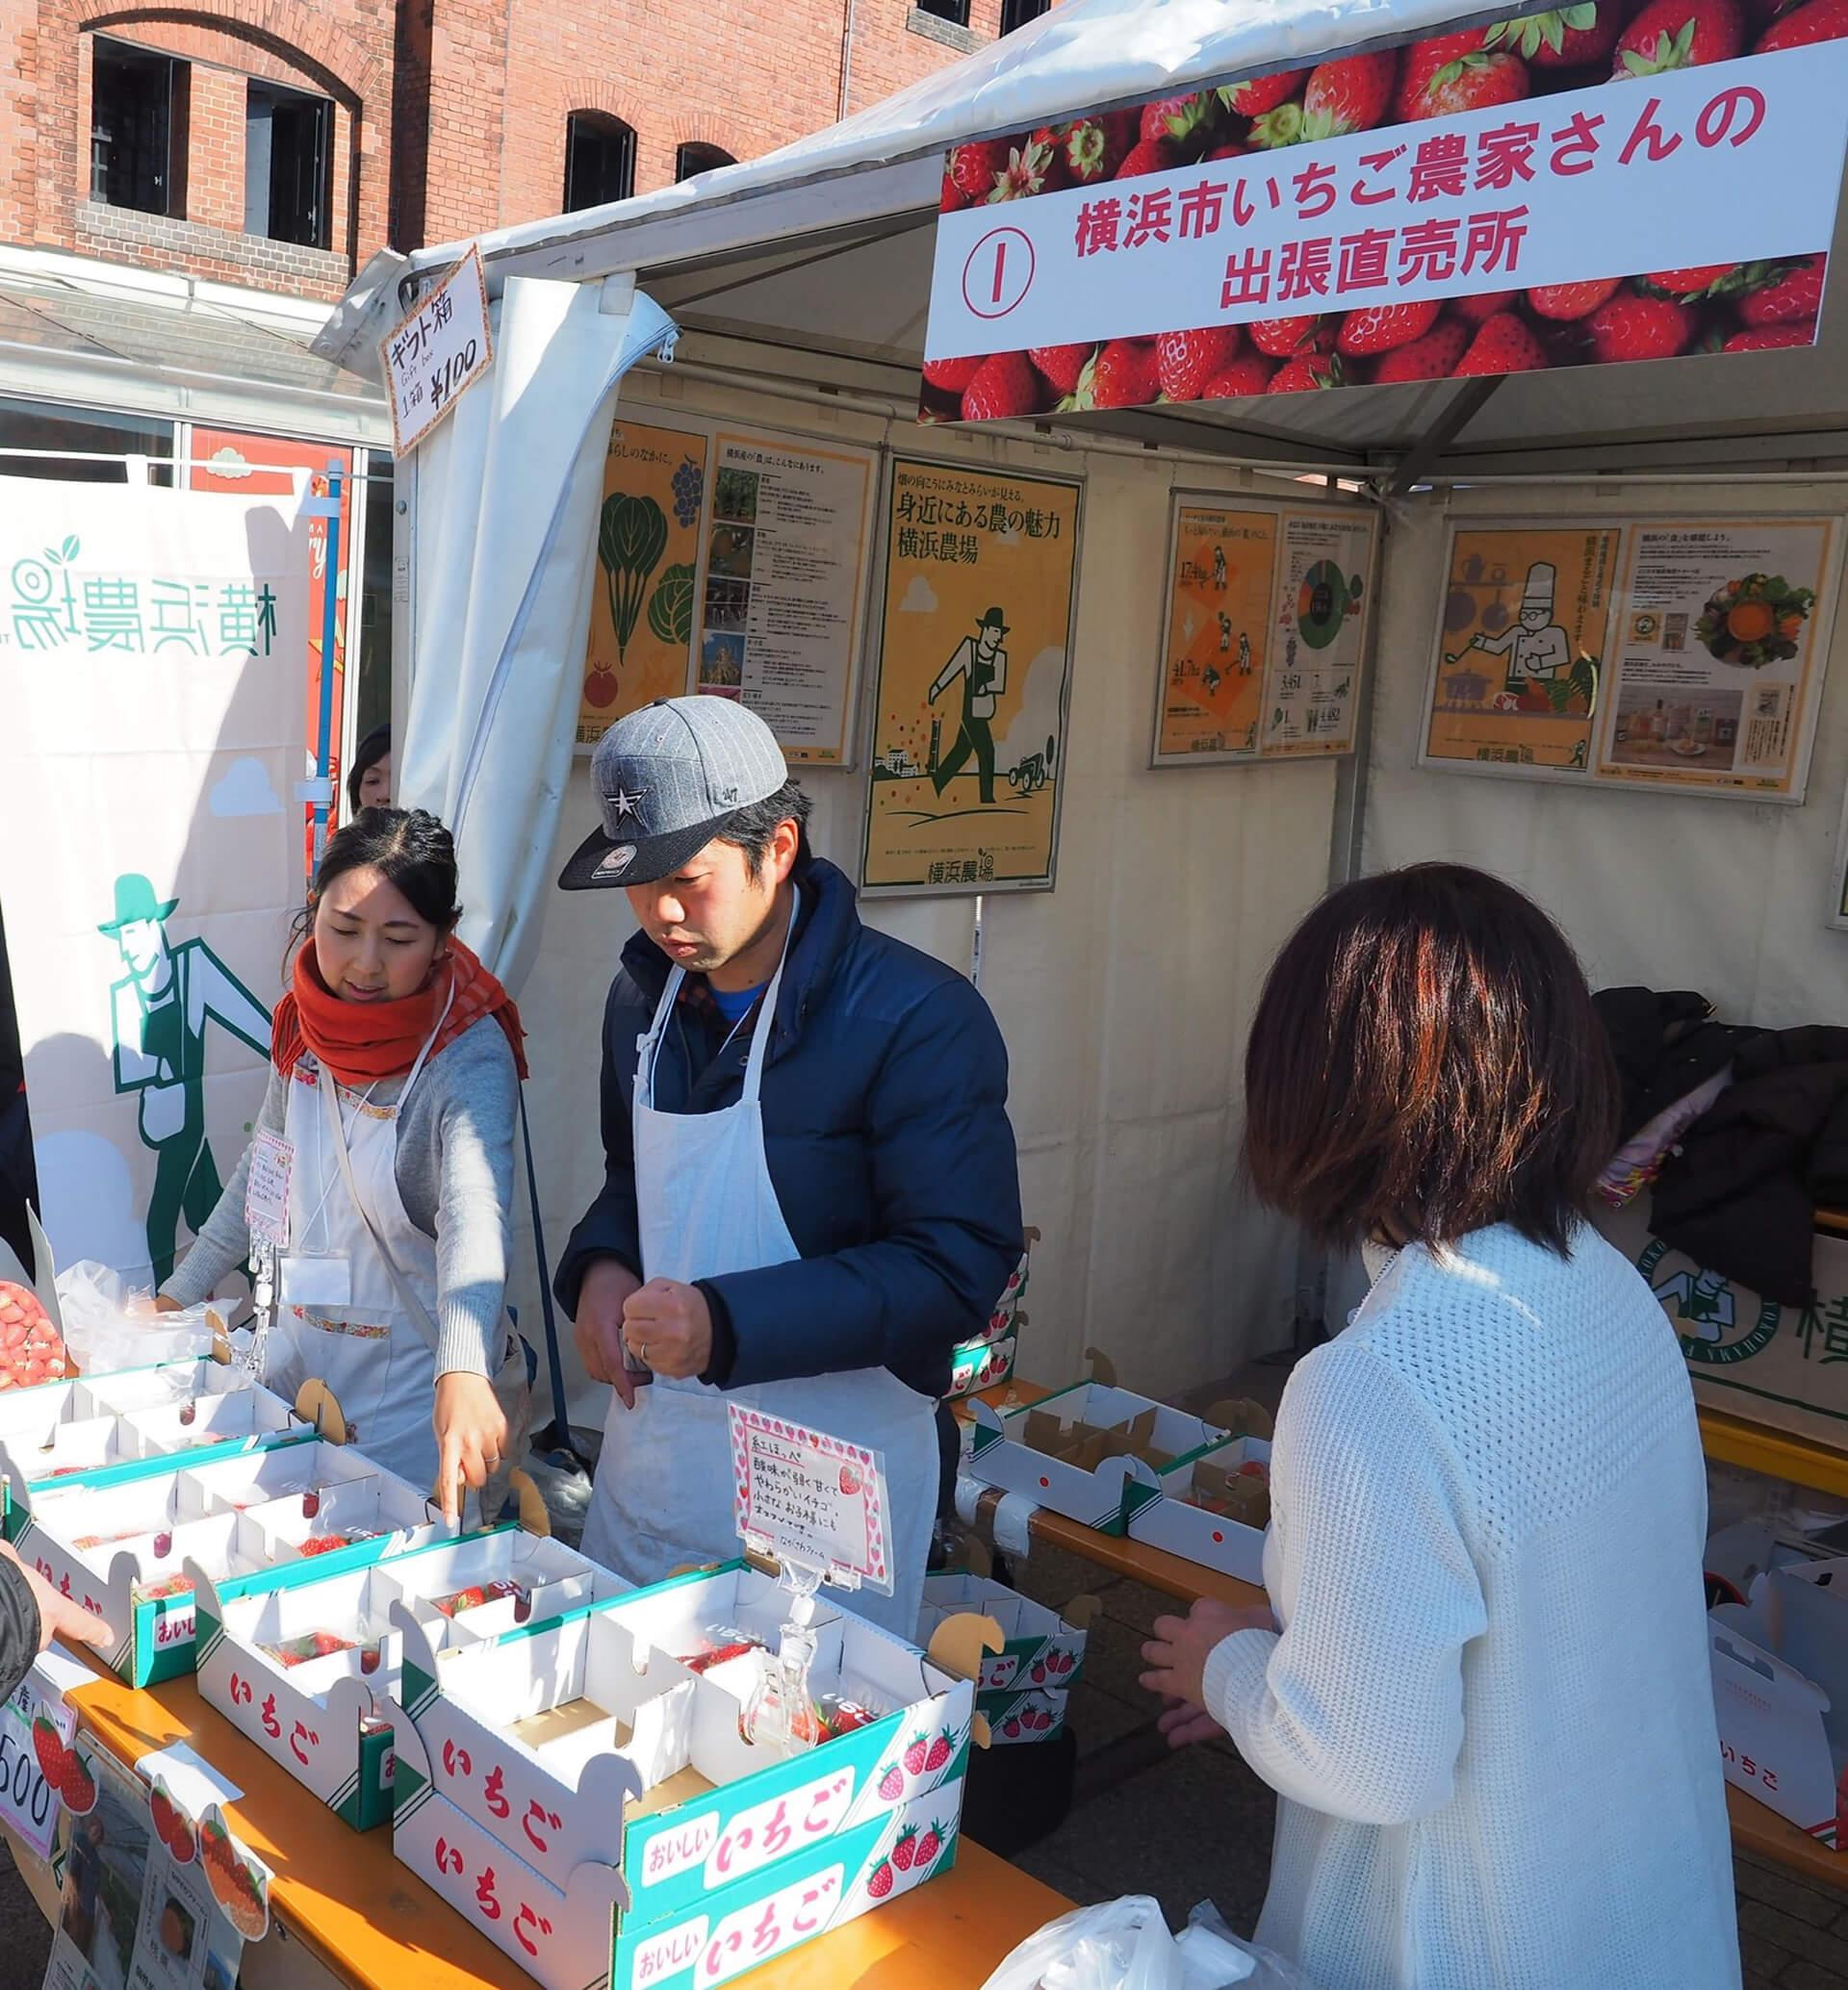 横浜ストロベリーフェスティバル・物販